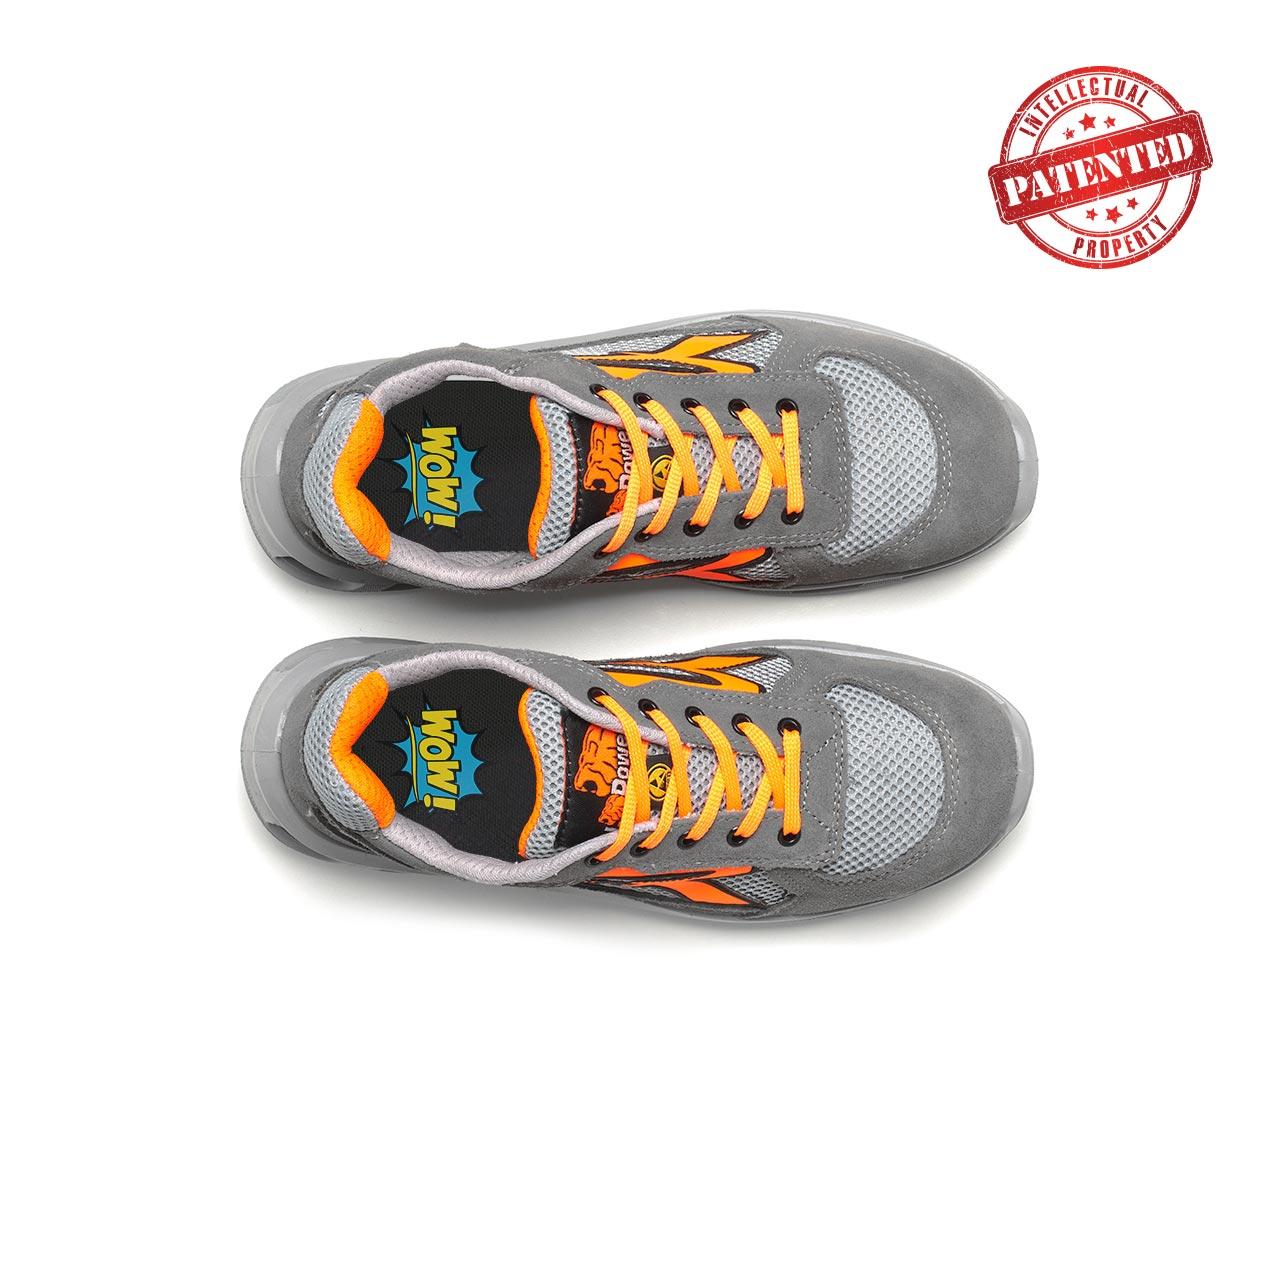 paio di scarpe antinfortunistiche upower modello ultra linea redlion vista top